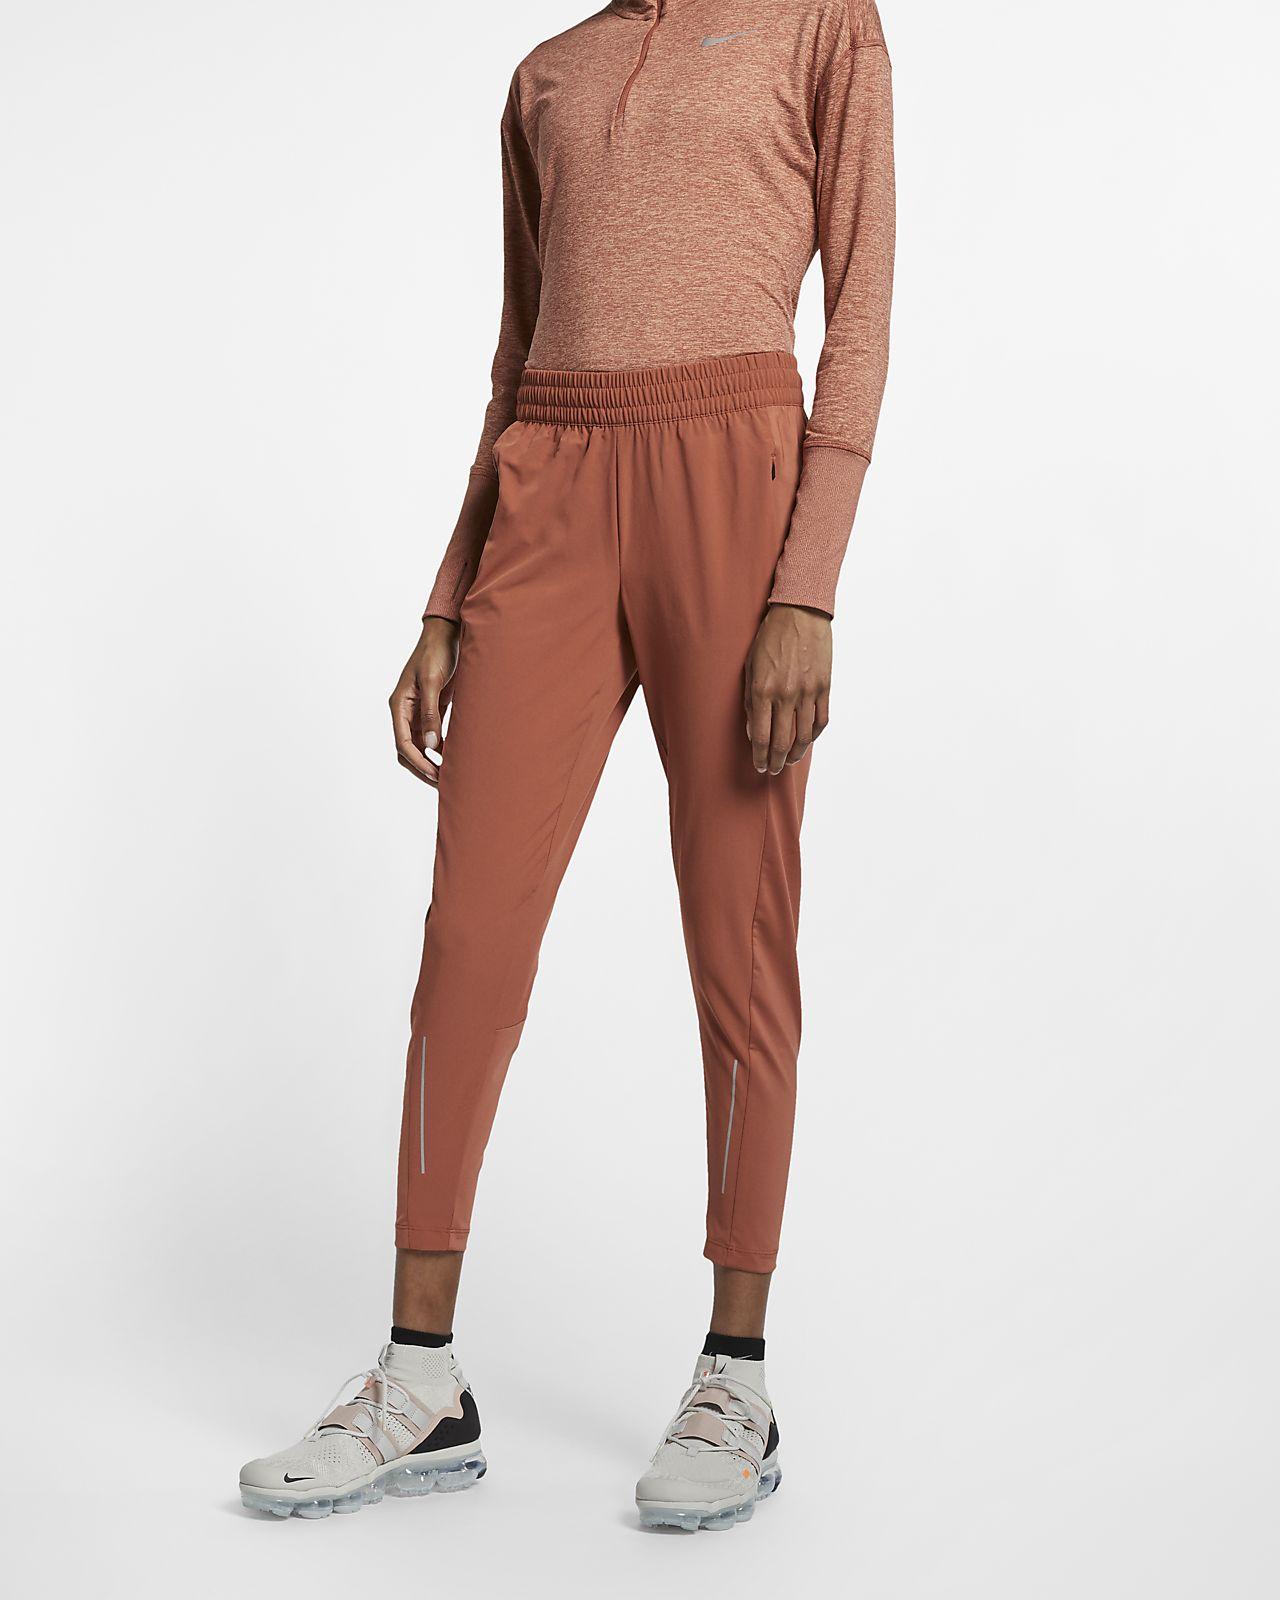 Löparbyxor Nike Swift för kvinnor